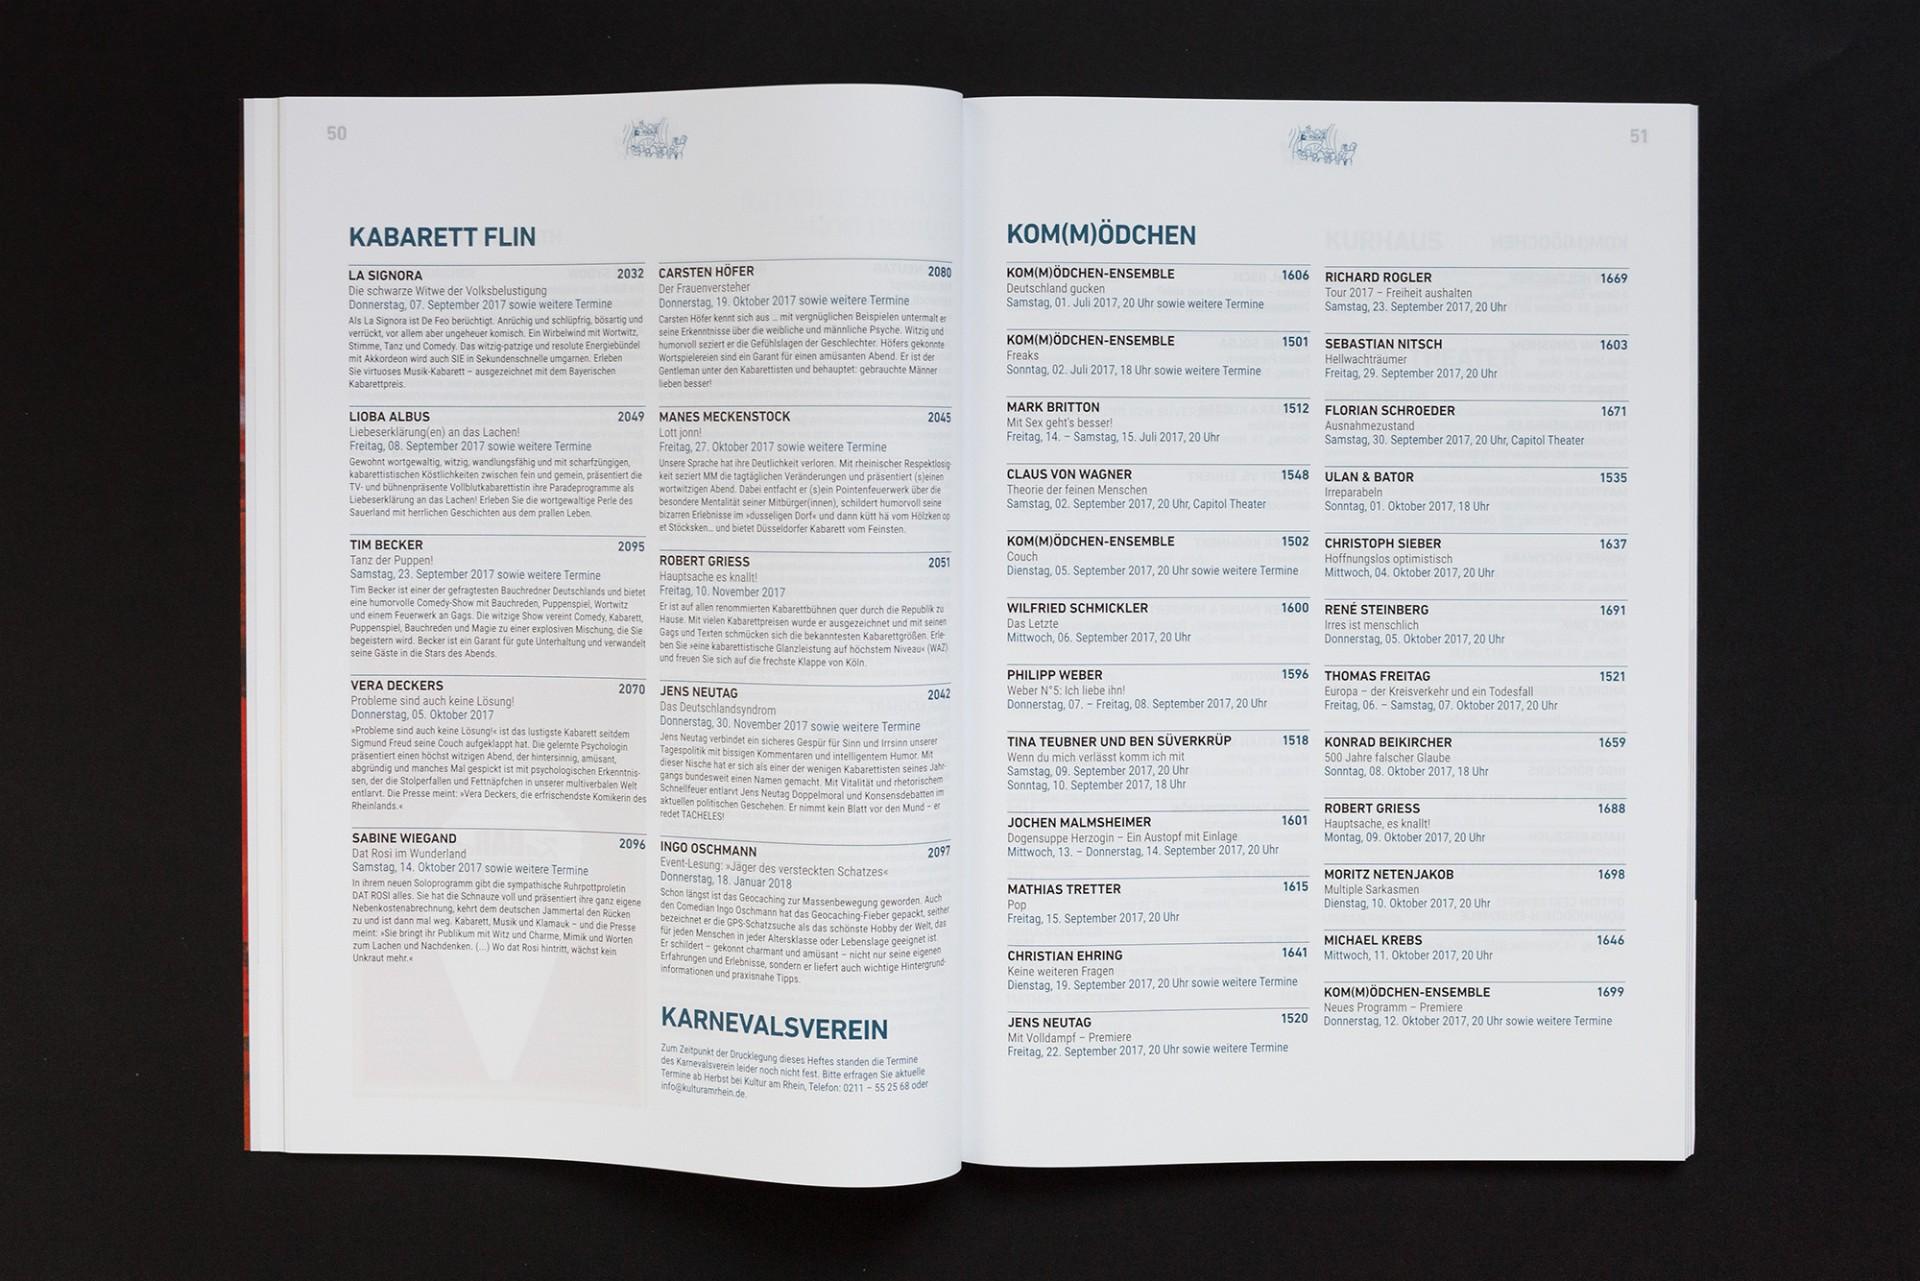 Gestaltanstalt Kultur am Rhein Spielplan 2017/18